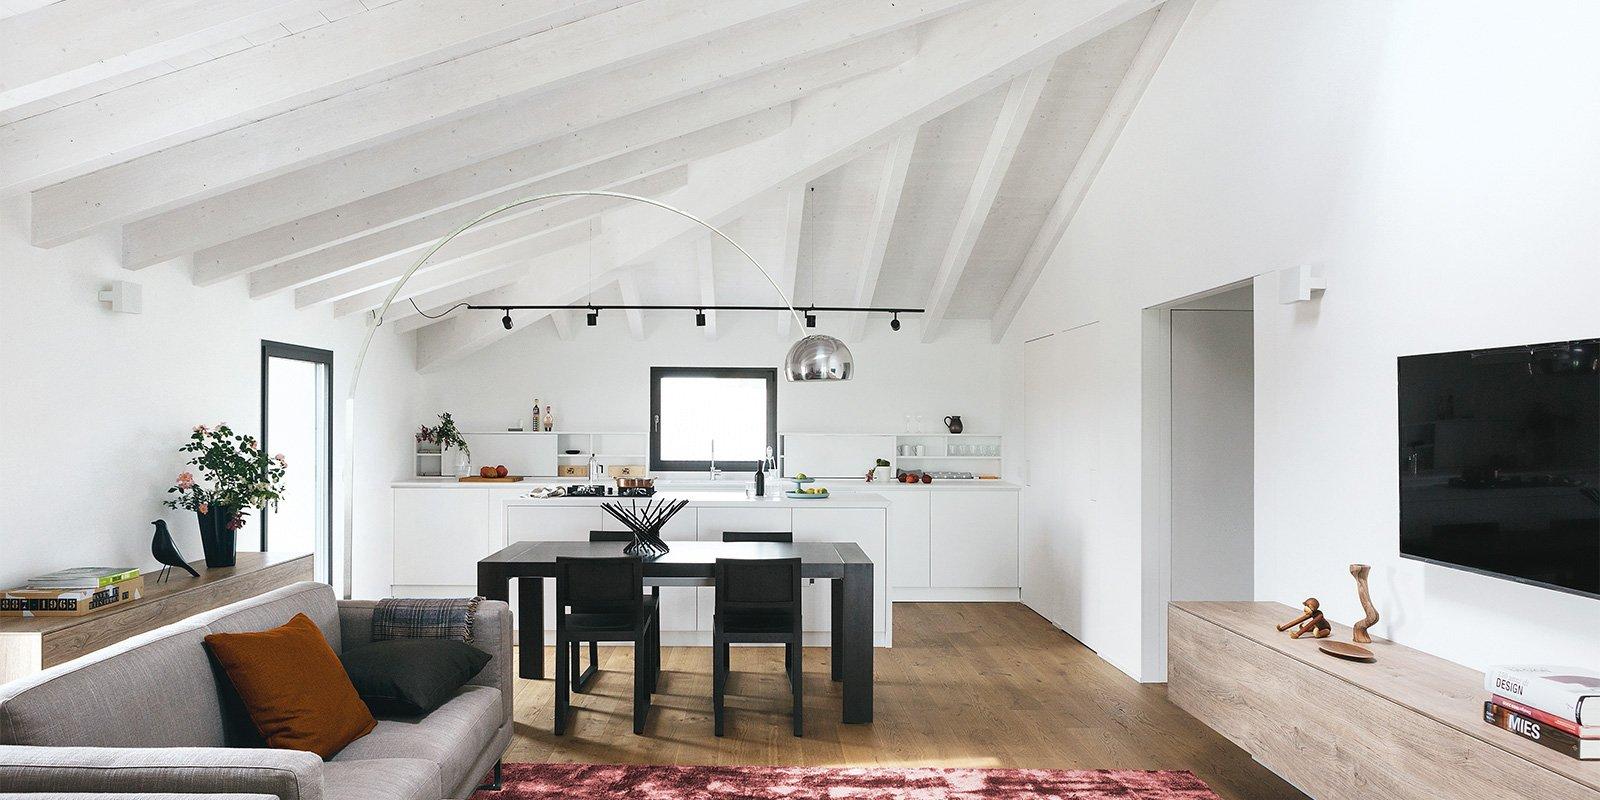 98 mq spazio moltiplicato dalla luce nel sottotetto della for Case moderne sotto 100k